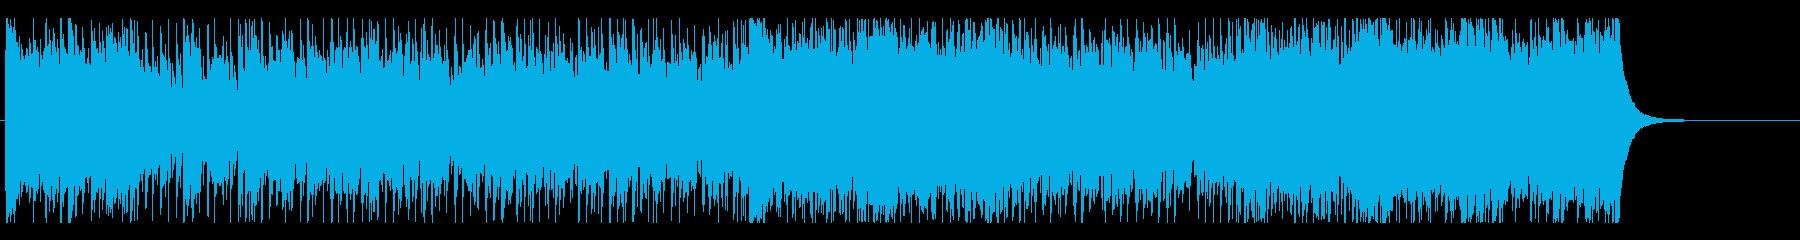 天気番組、情報向けのニュース系BGMの再生済みの波形